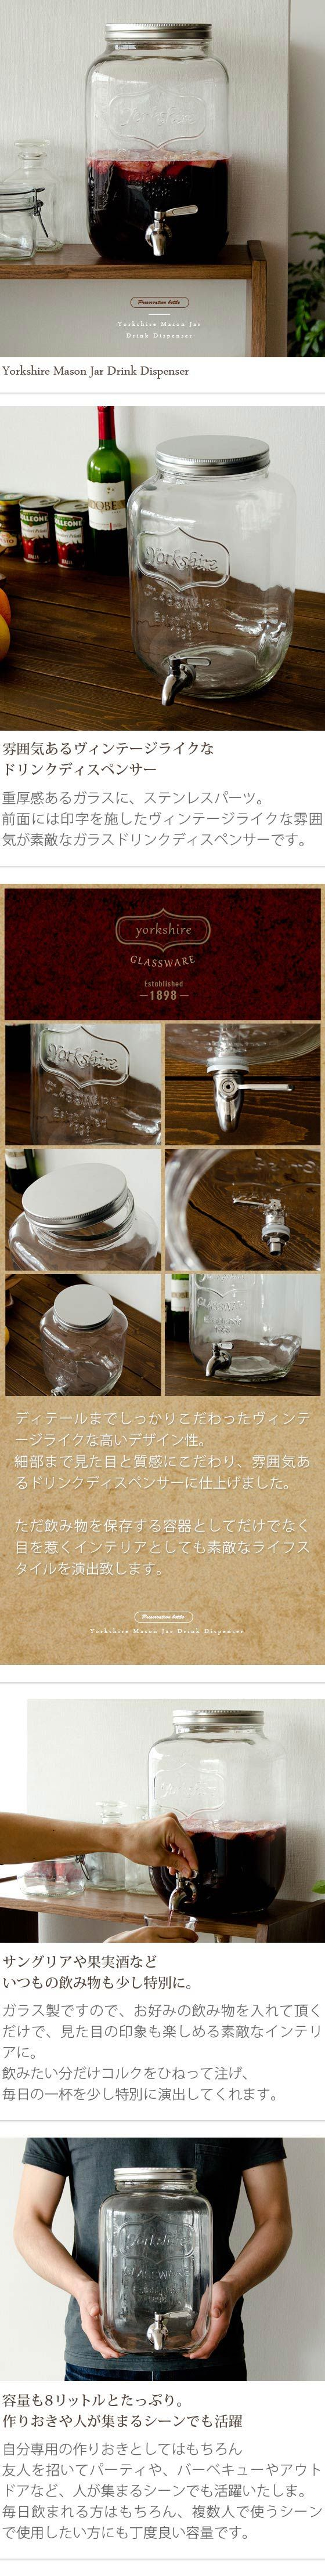 メイソンジャー ドリンクサーバー ガラス 8L:5,940円